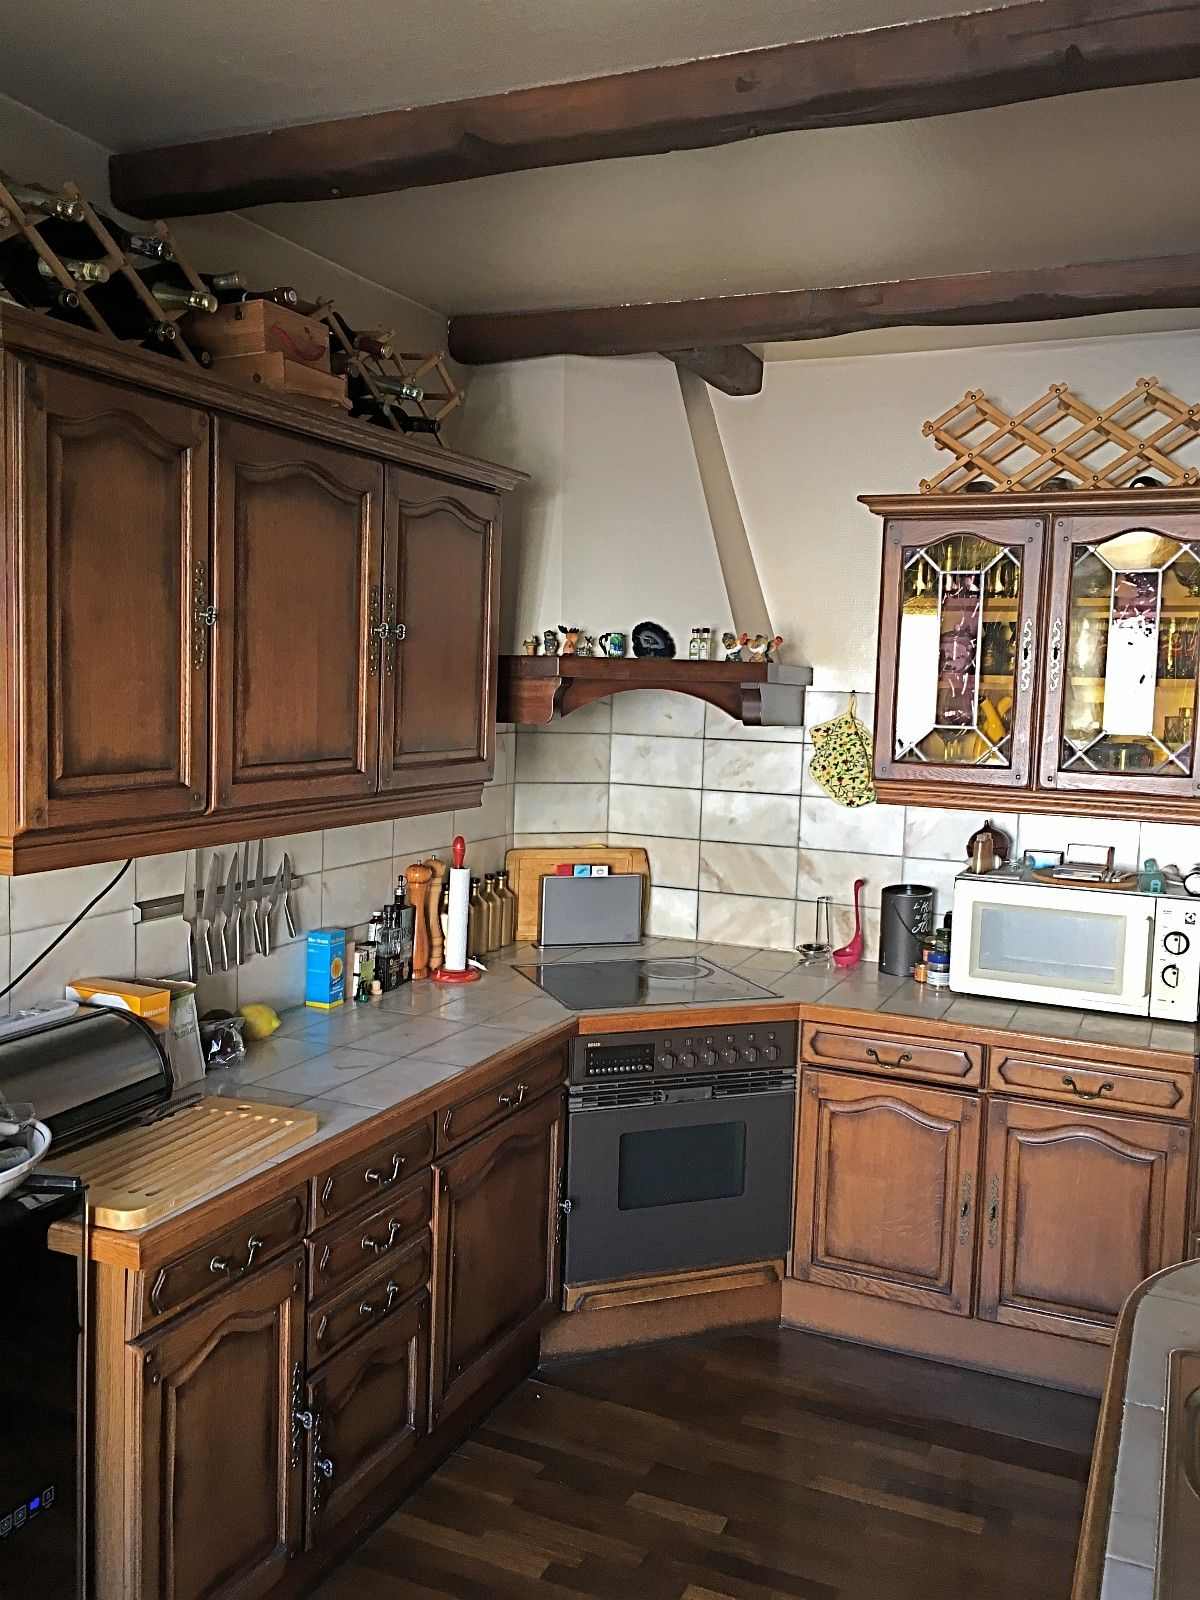 Arthur Bonnet kjøkken i massiv eik med Bosch integrerte hvitevarer - Oslo  - Klassisk kjøkken i massiv eik fra Arthur Bonnet med hvitevarer fra Bosch selges.  Kjøkkenet er demontert, merket og står lett tilgjengelig for transport.  Farge: mørk eik, med rustikke håndtak i mørk kobber og vitrineskap med blygl - Oslo